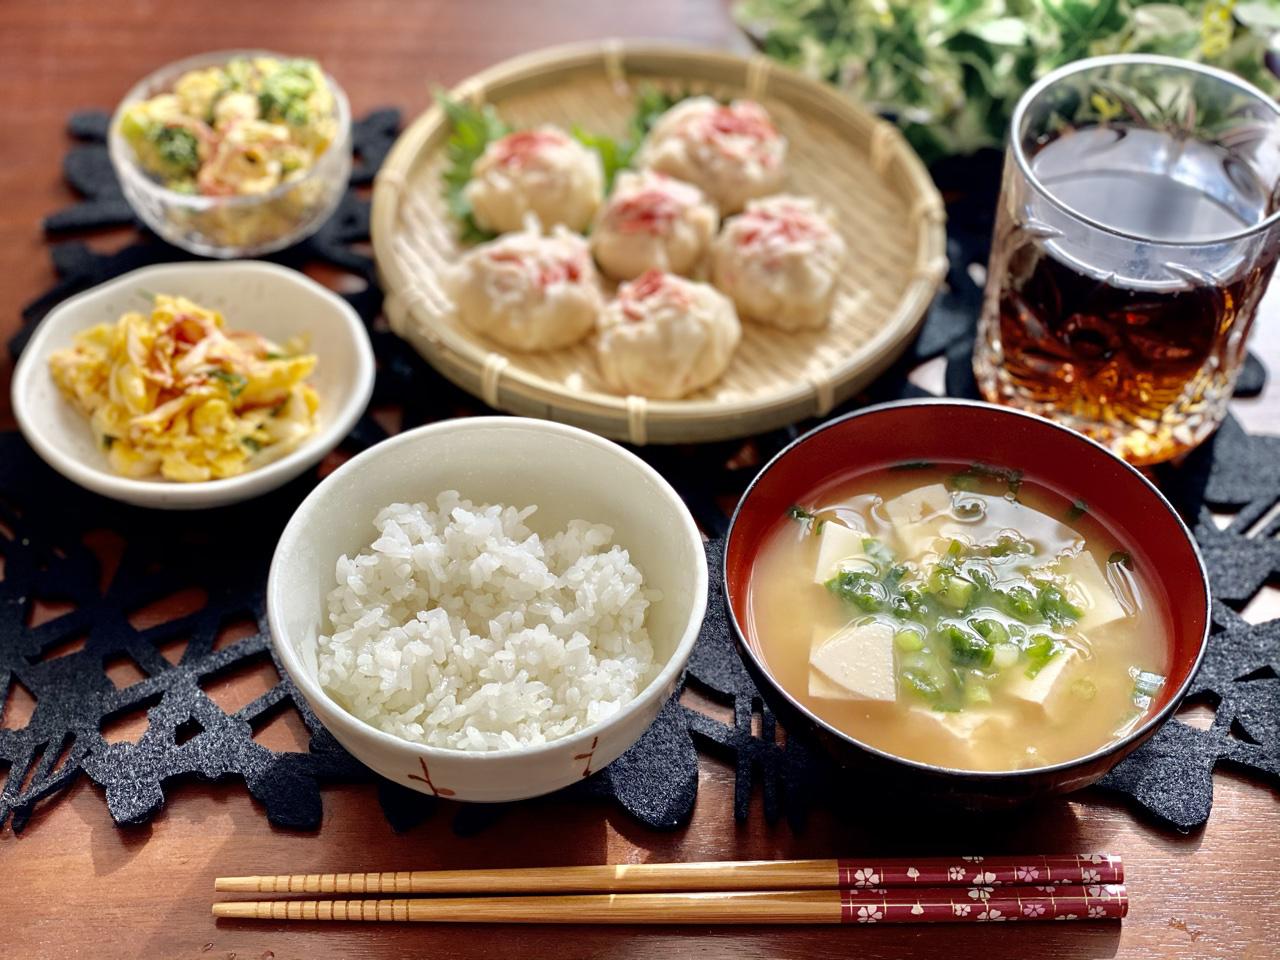 【今月のお家ごはん】アラサー女子の食卓!作り置きおかずでラク晩ご飯♡-Vol.24-_5